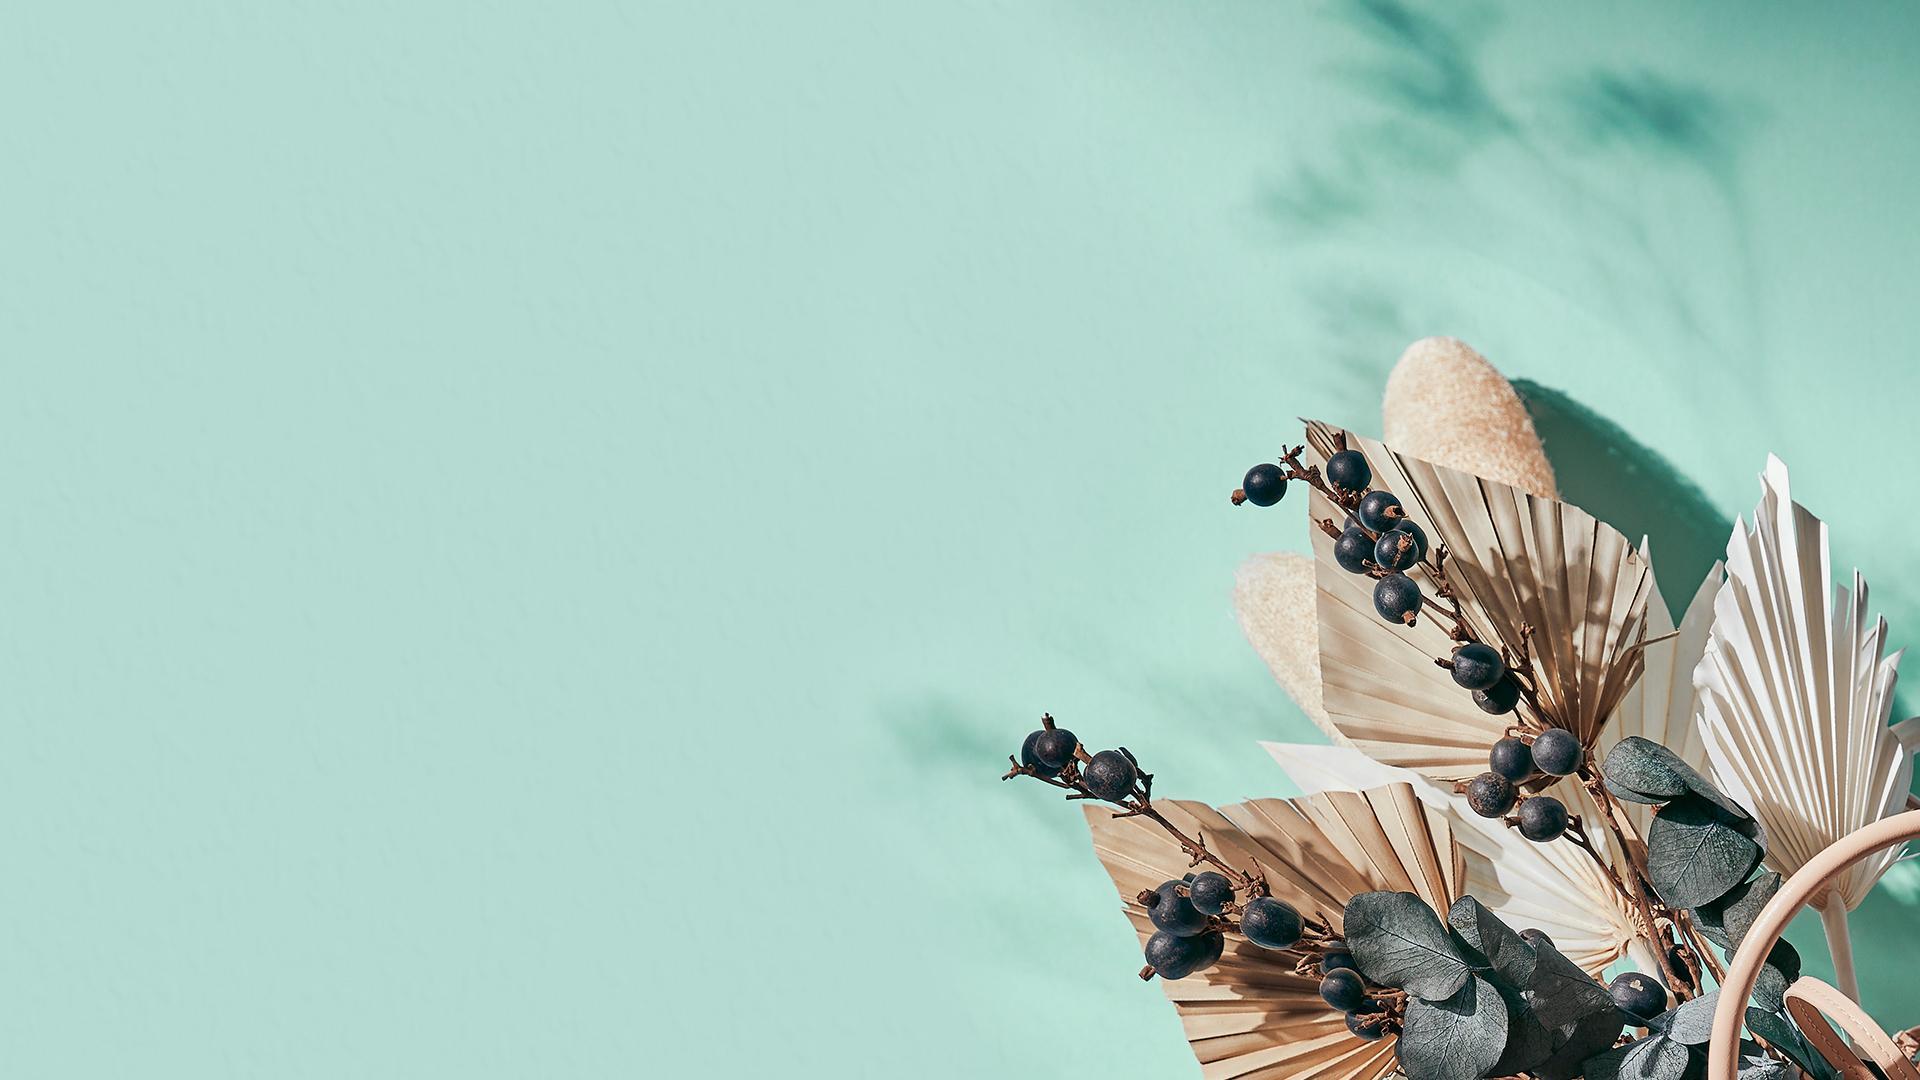 Hintergrundbild für Desktop türkise Wand und Blumen